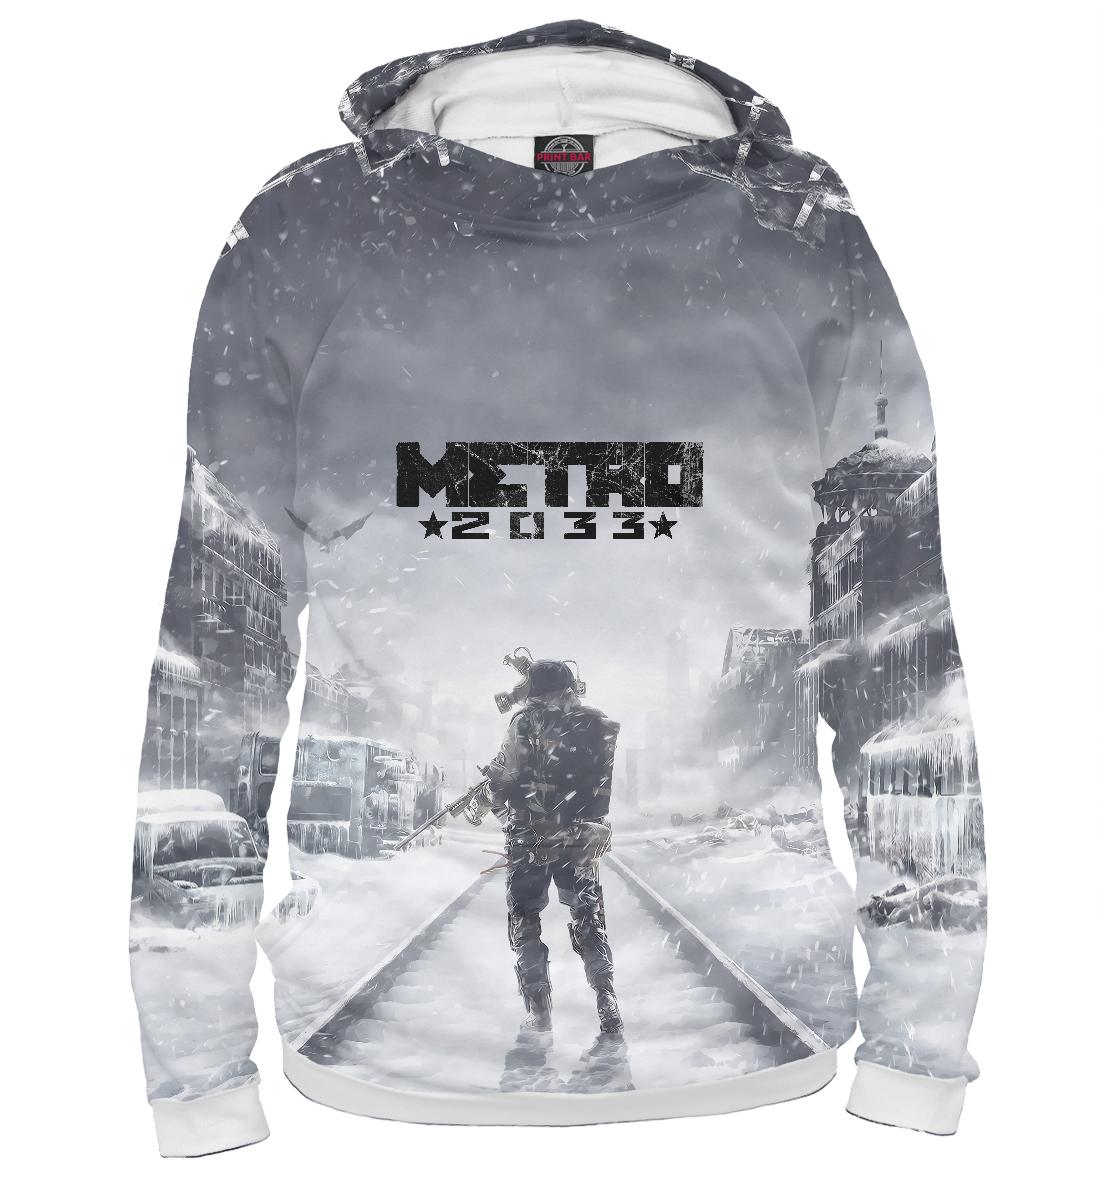 Фото - Metro 2033 winter metro 2033 redux